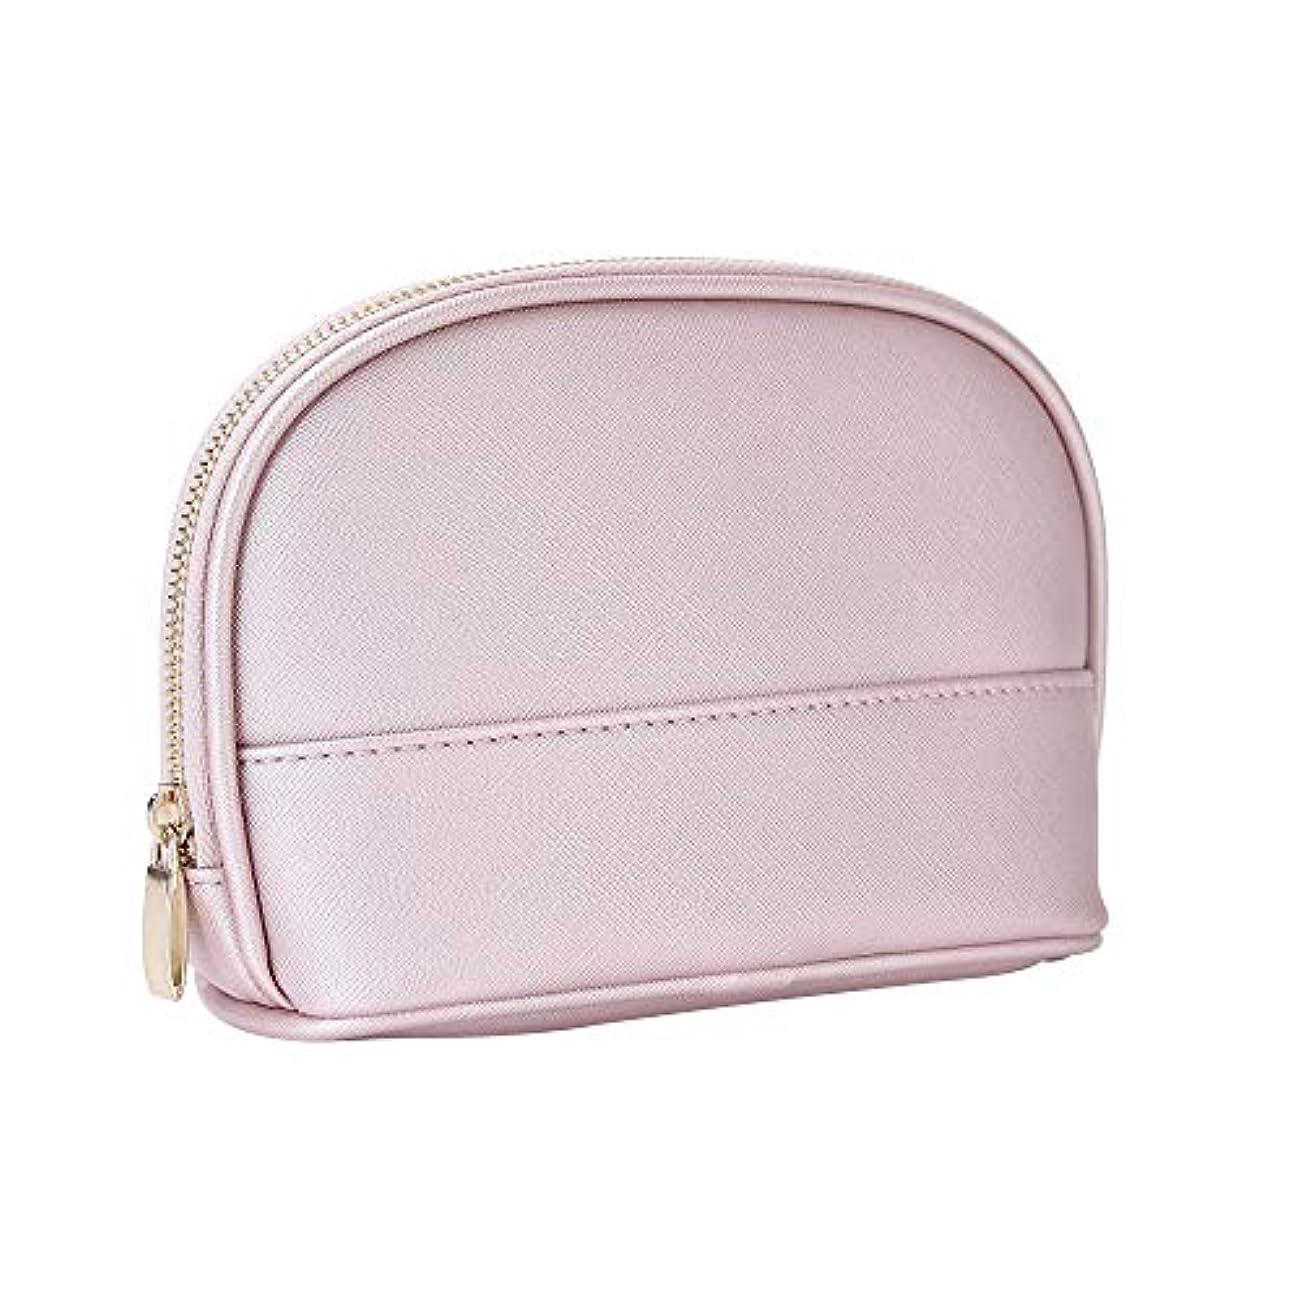 クリック消毒する寛大なXiazw ピンク PUレザー 防水 化粧ポーチ メイクポーチ バッグ 化粧品収納 小物入れ 出張 旅行用